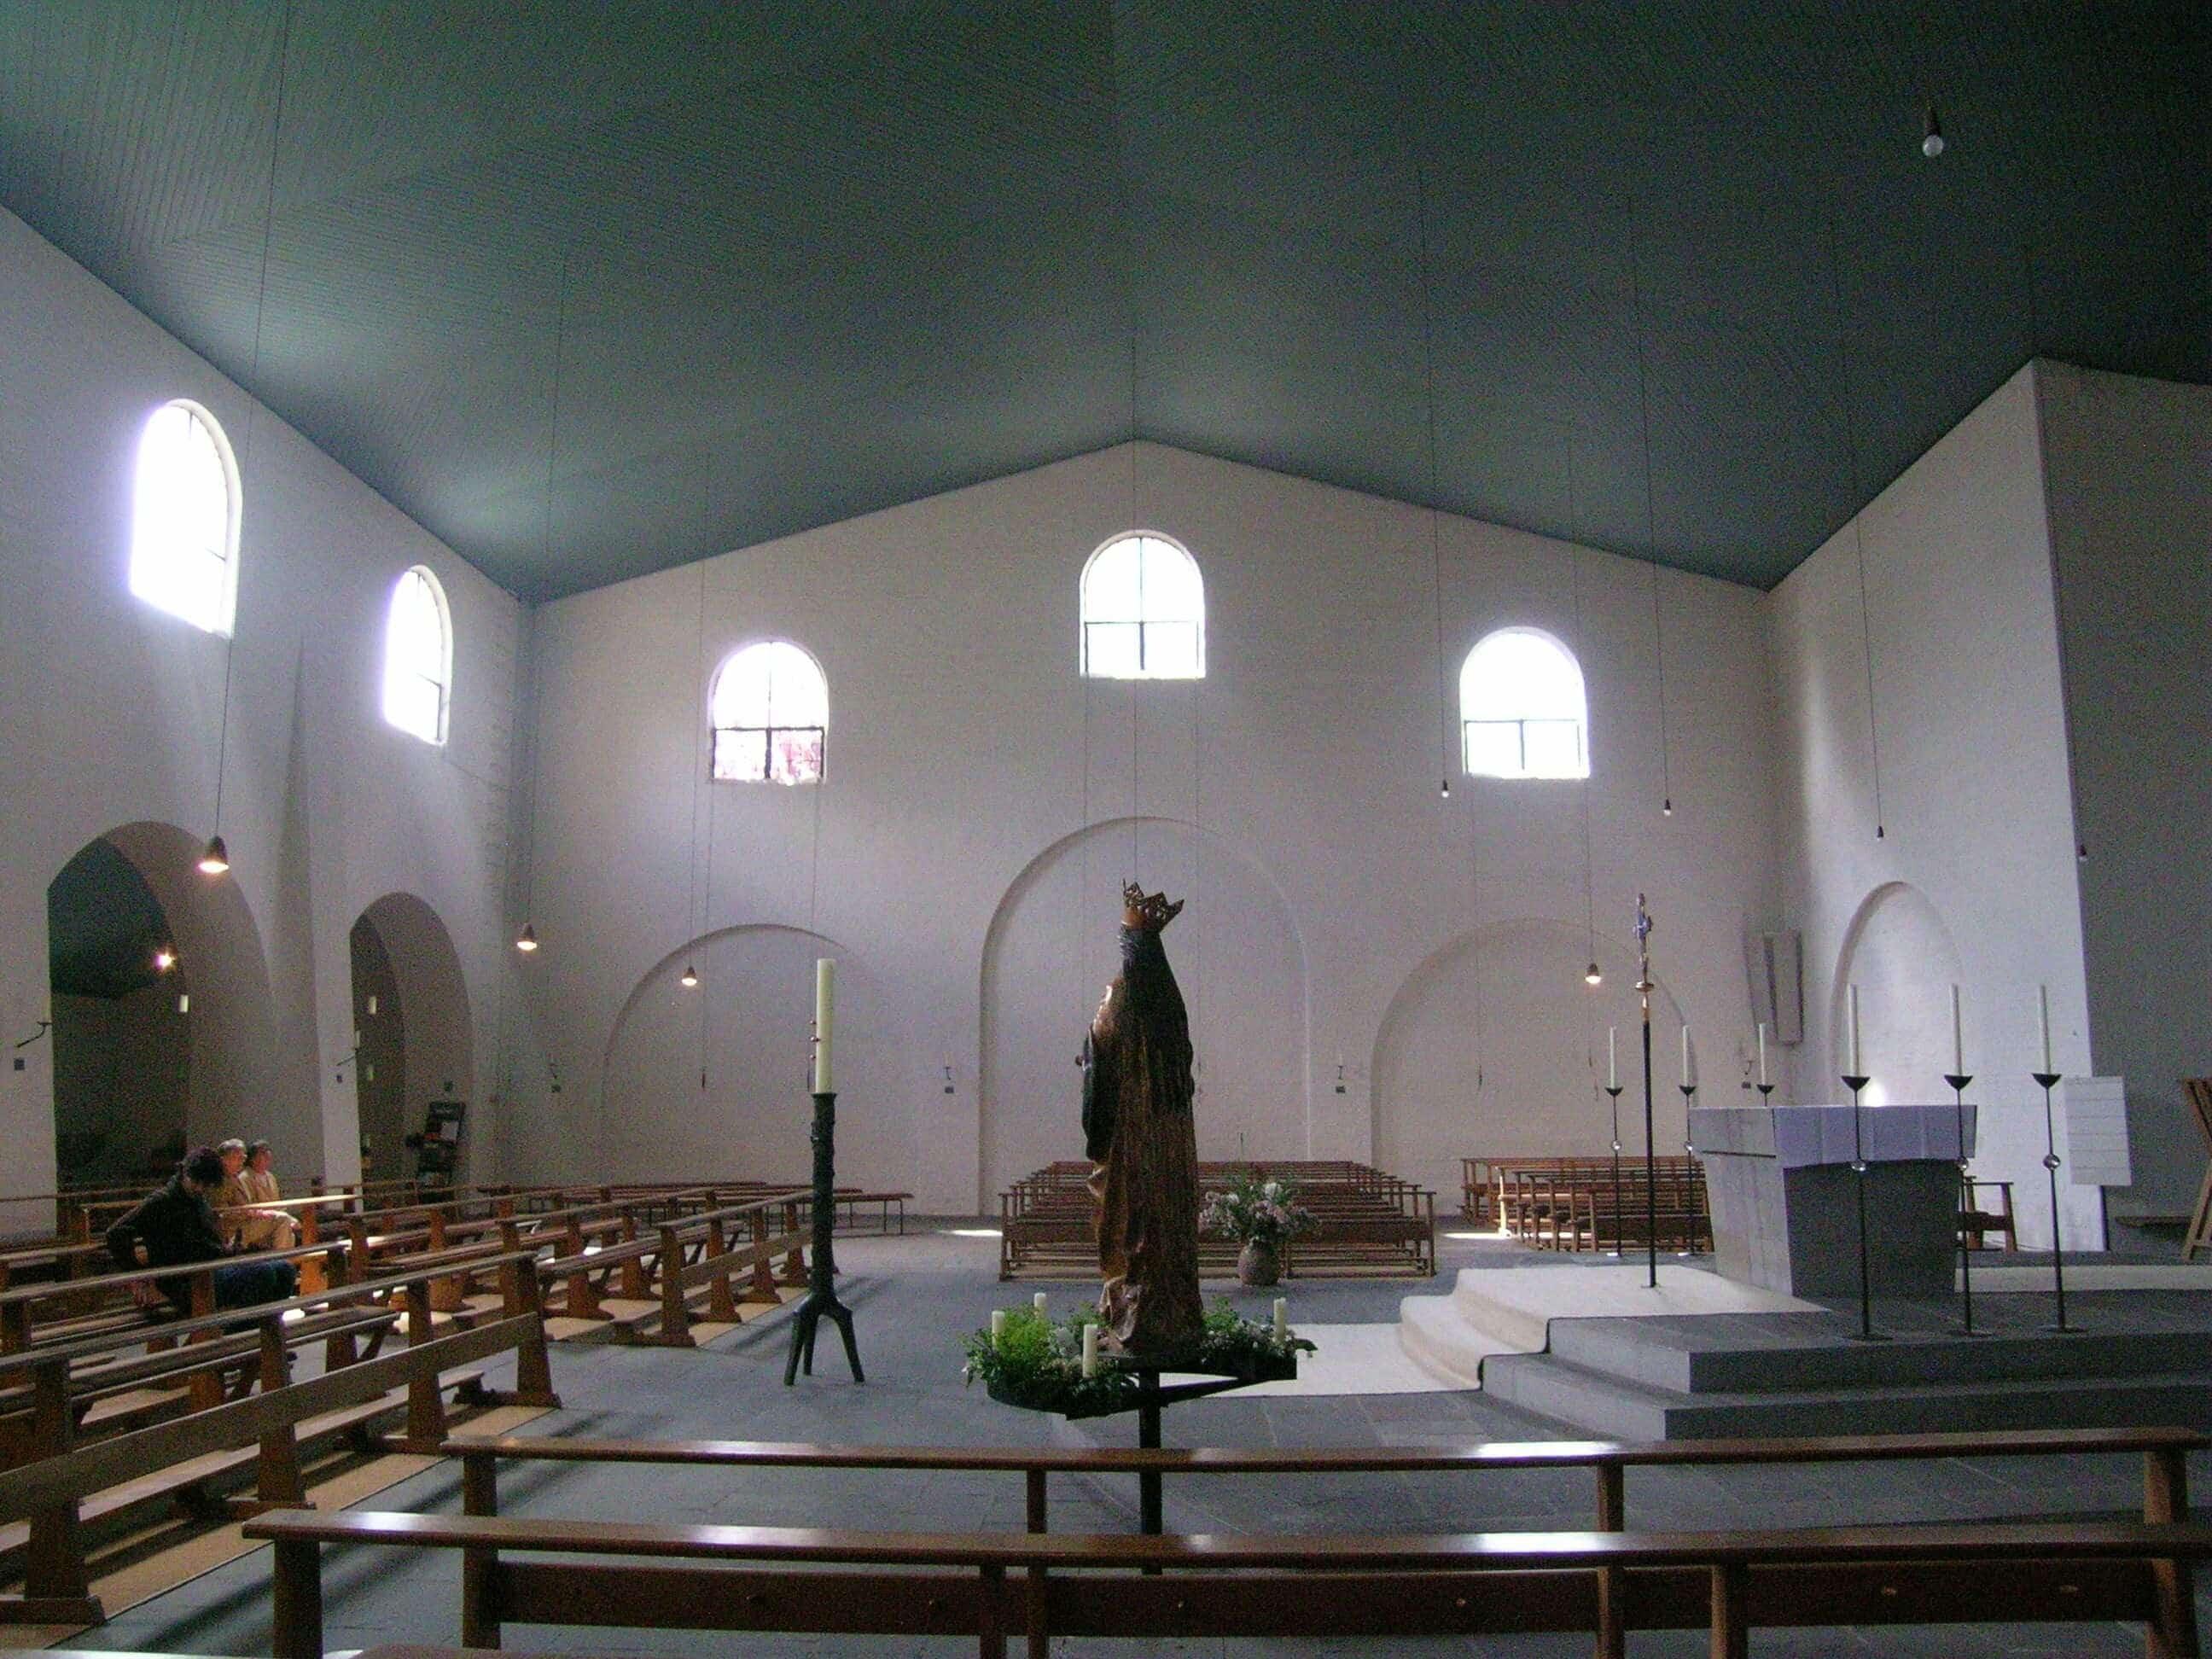 Igreja%20de%20S%C3%A3o%20Louren%C3%A7o%2C%20em%20Munique.